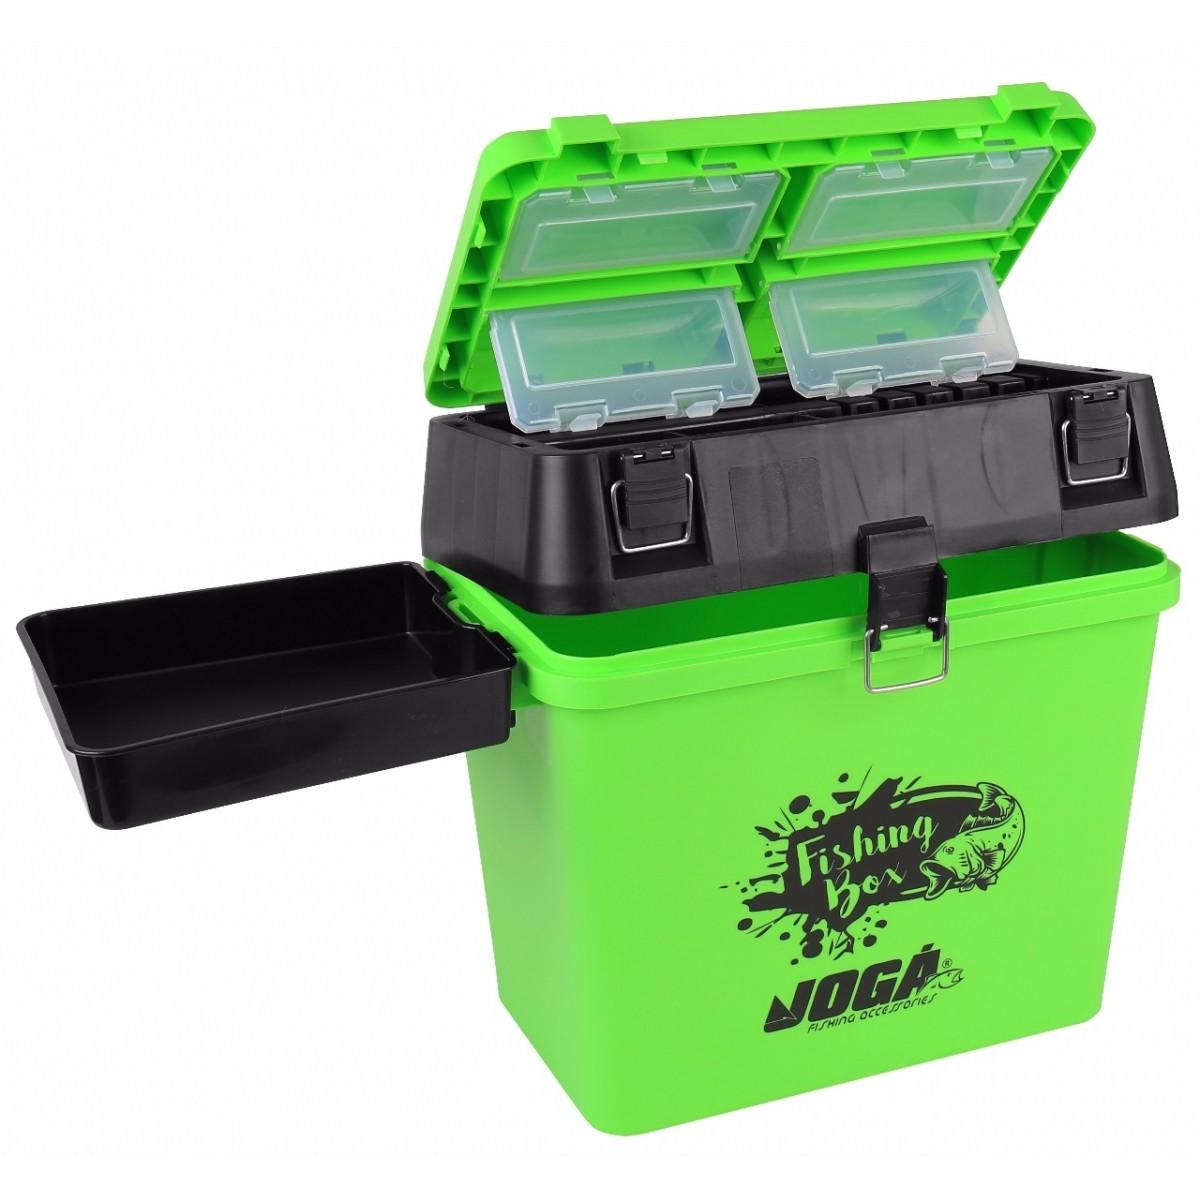 Caixa de Pesca Mochila Fishing Box Jogá Pesca  - Comprando & Pescando